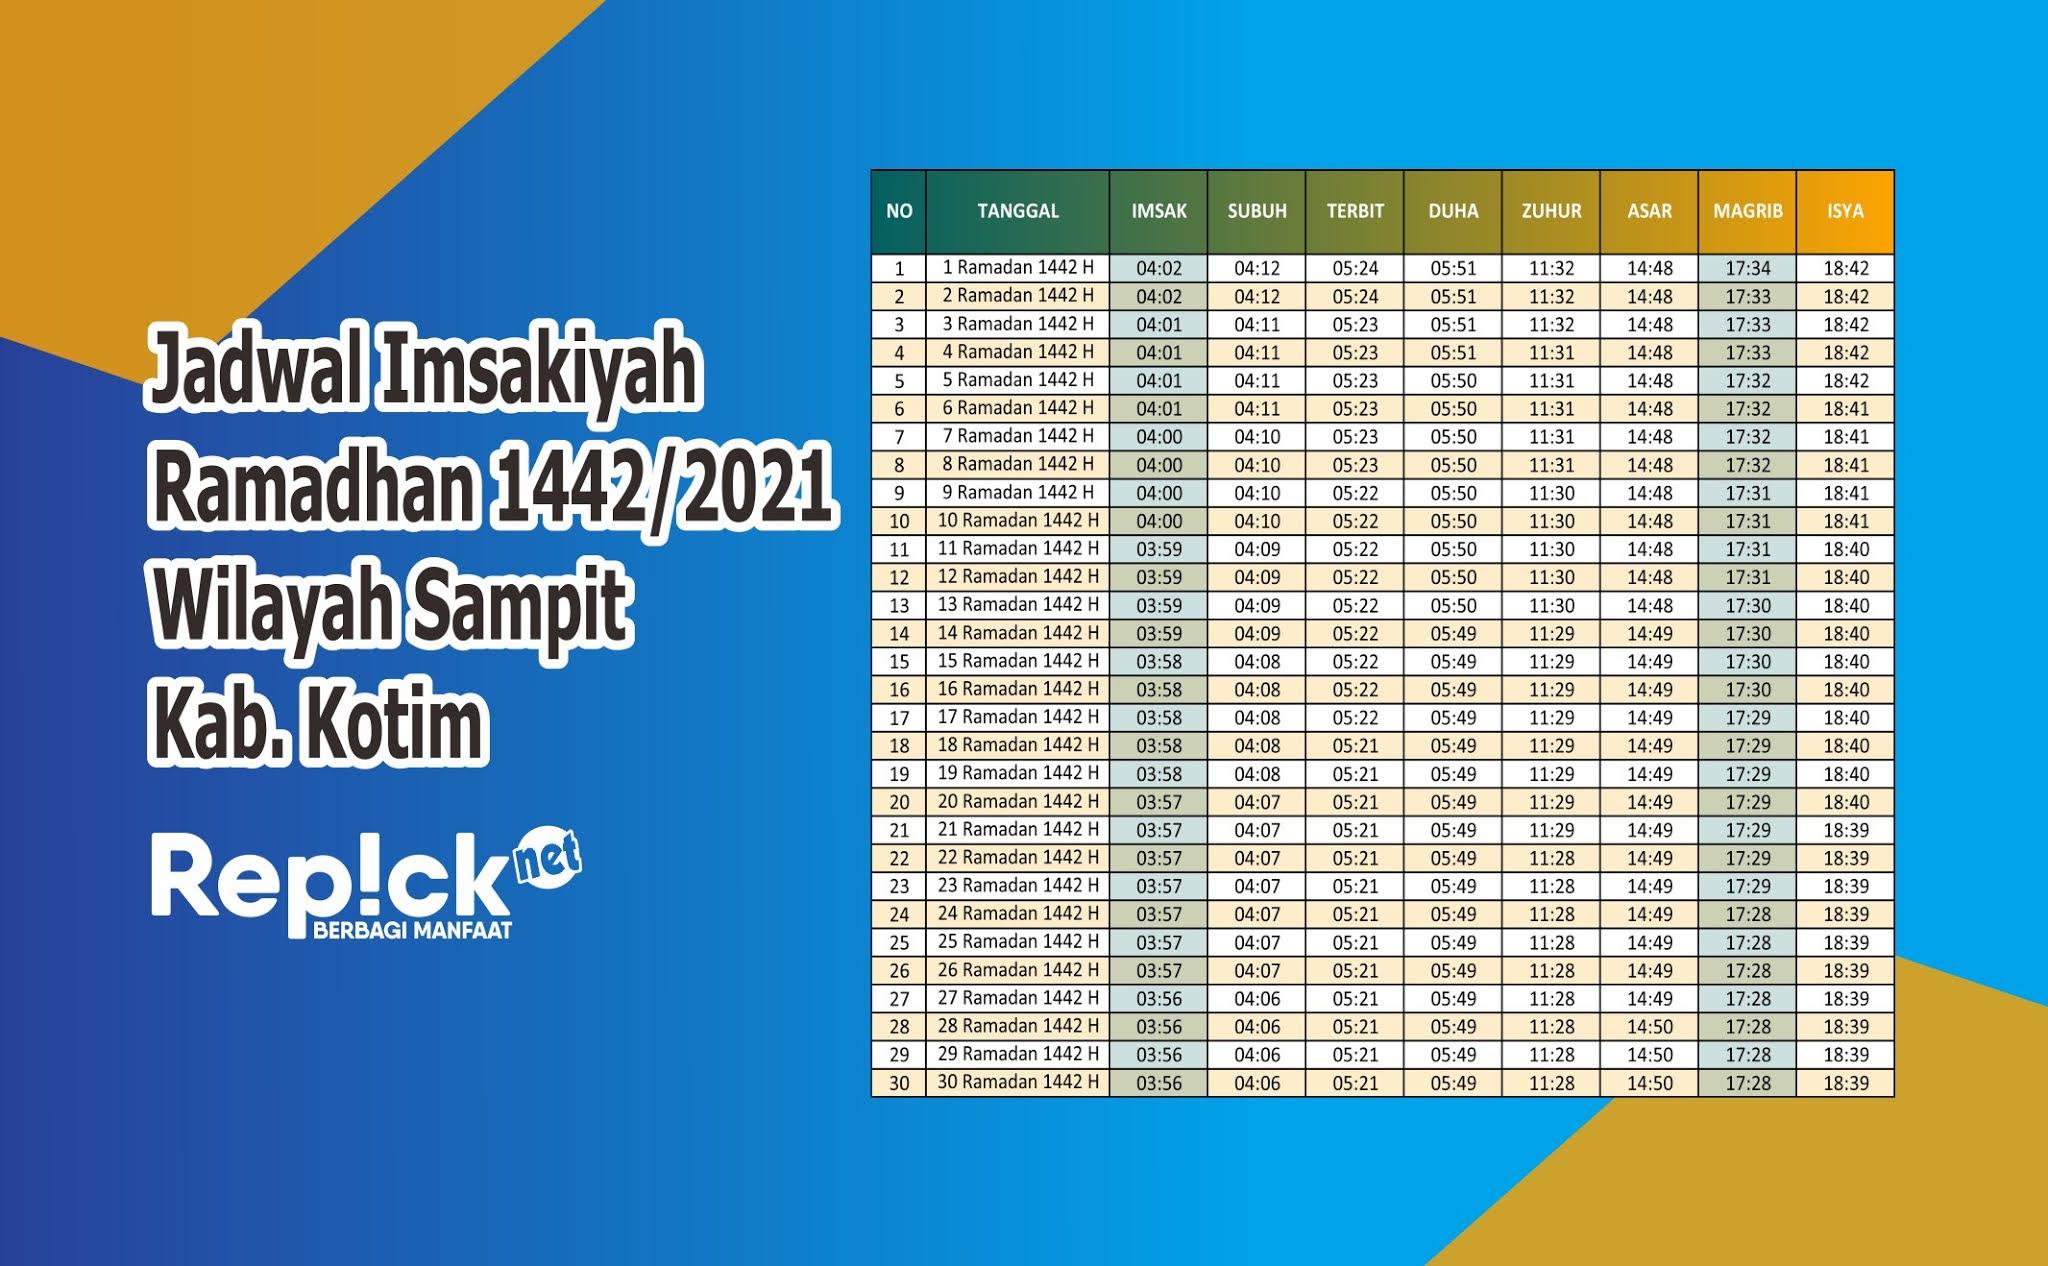 Jadwal-imsakiyah-ramadhan-2021-1442